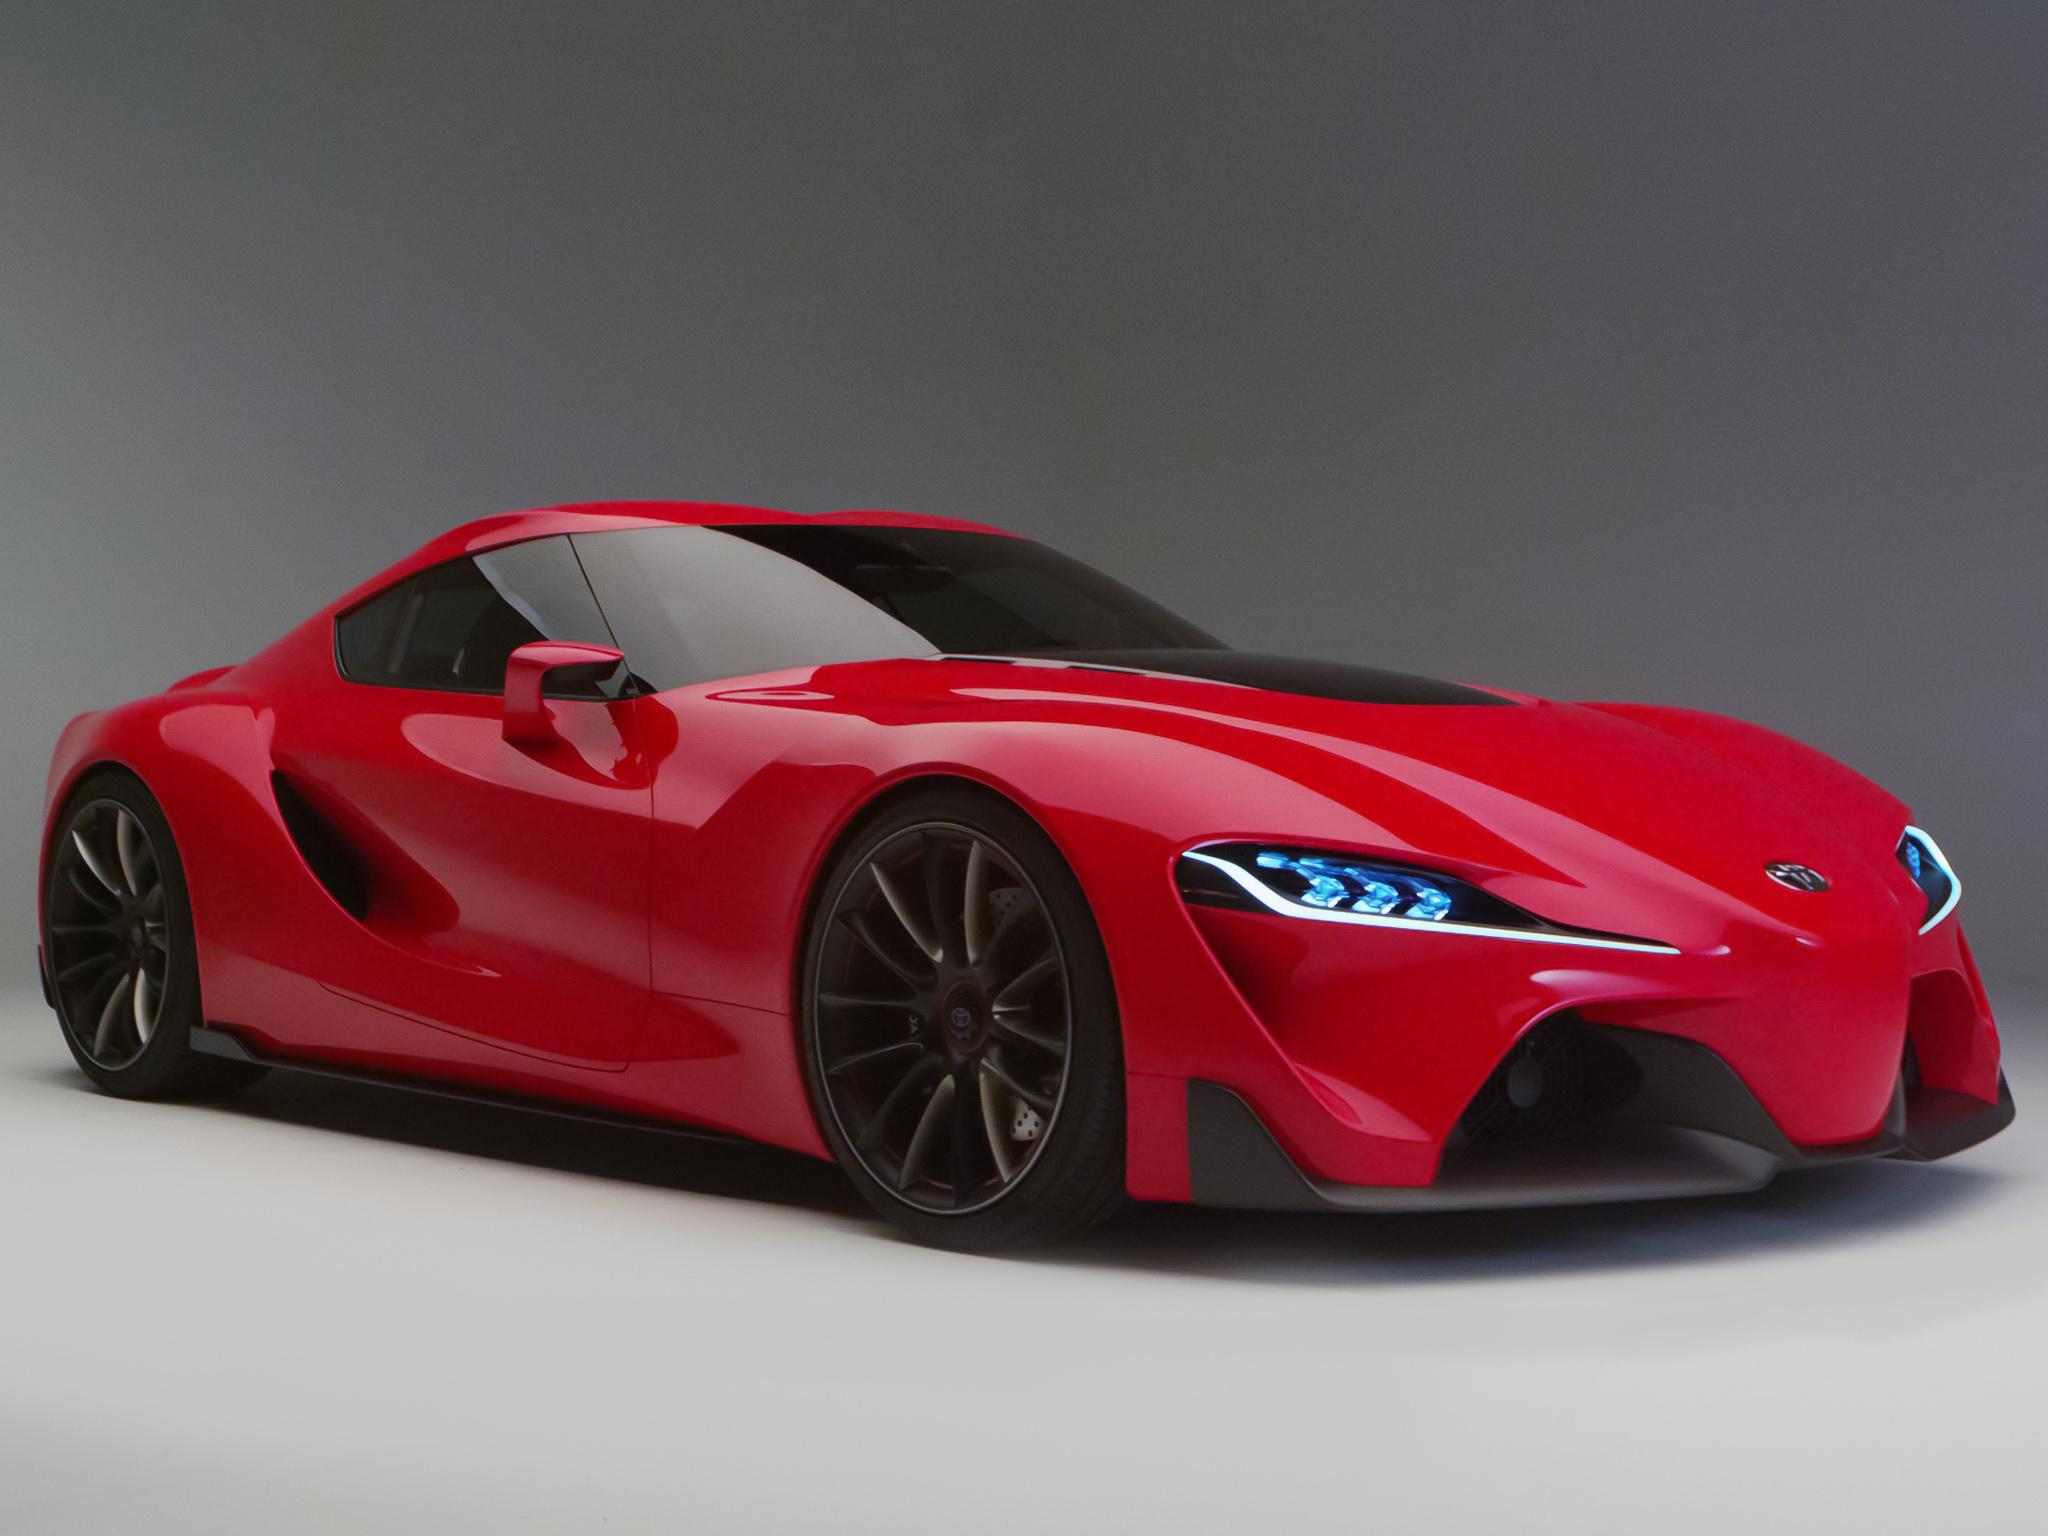 2014 Toyota Ft 1 Concept Supercar Supra D Wallpaper